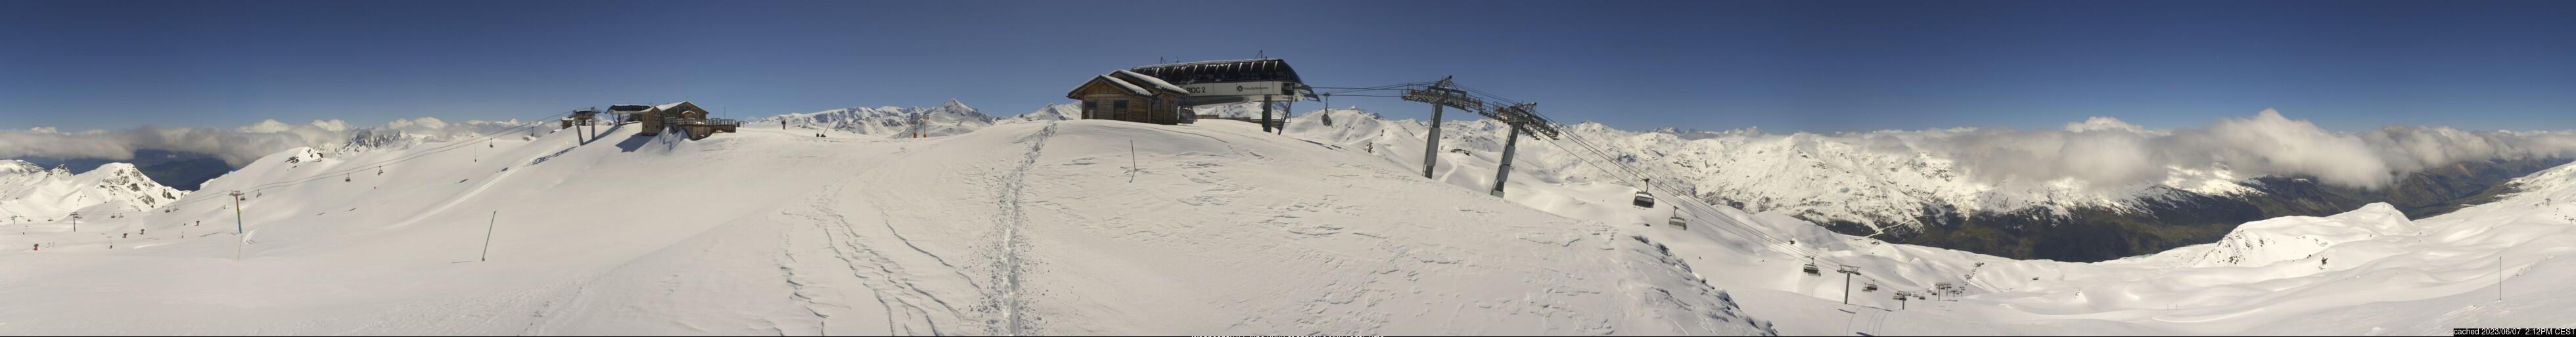 dün saat 14:00'te Les Menuires'deki webcam